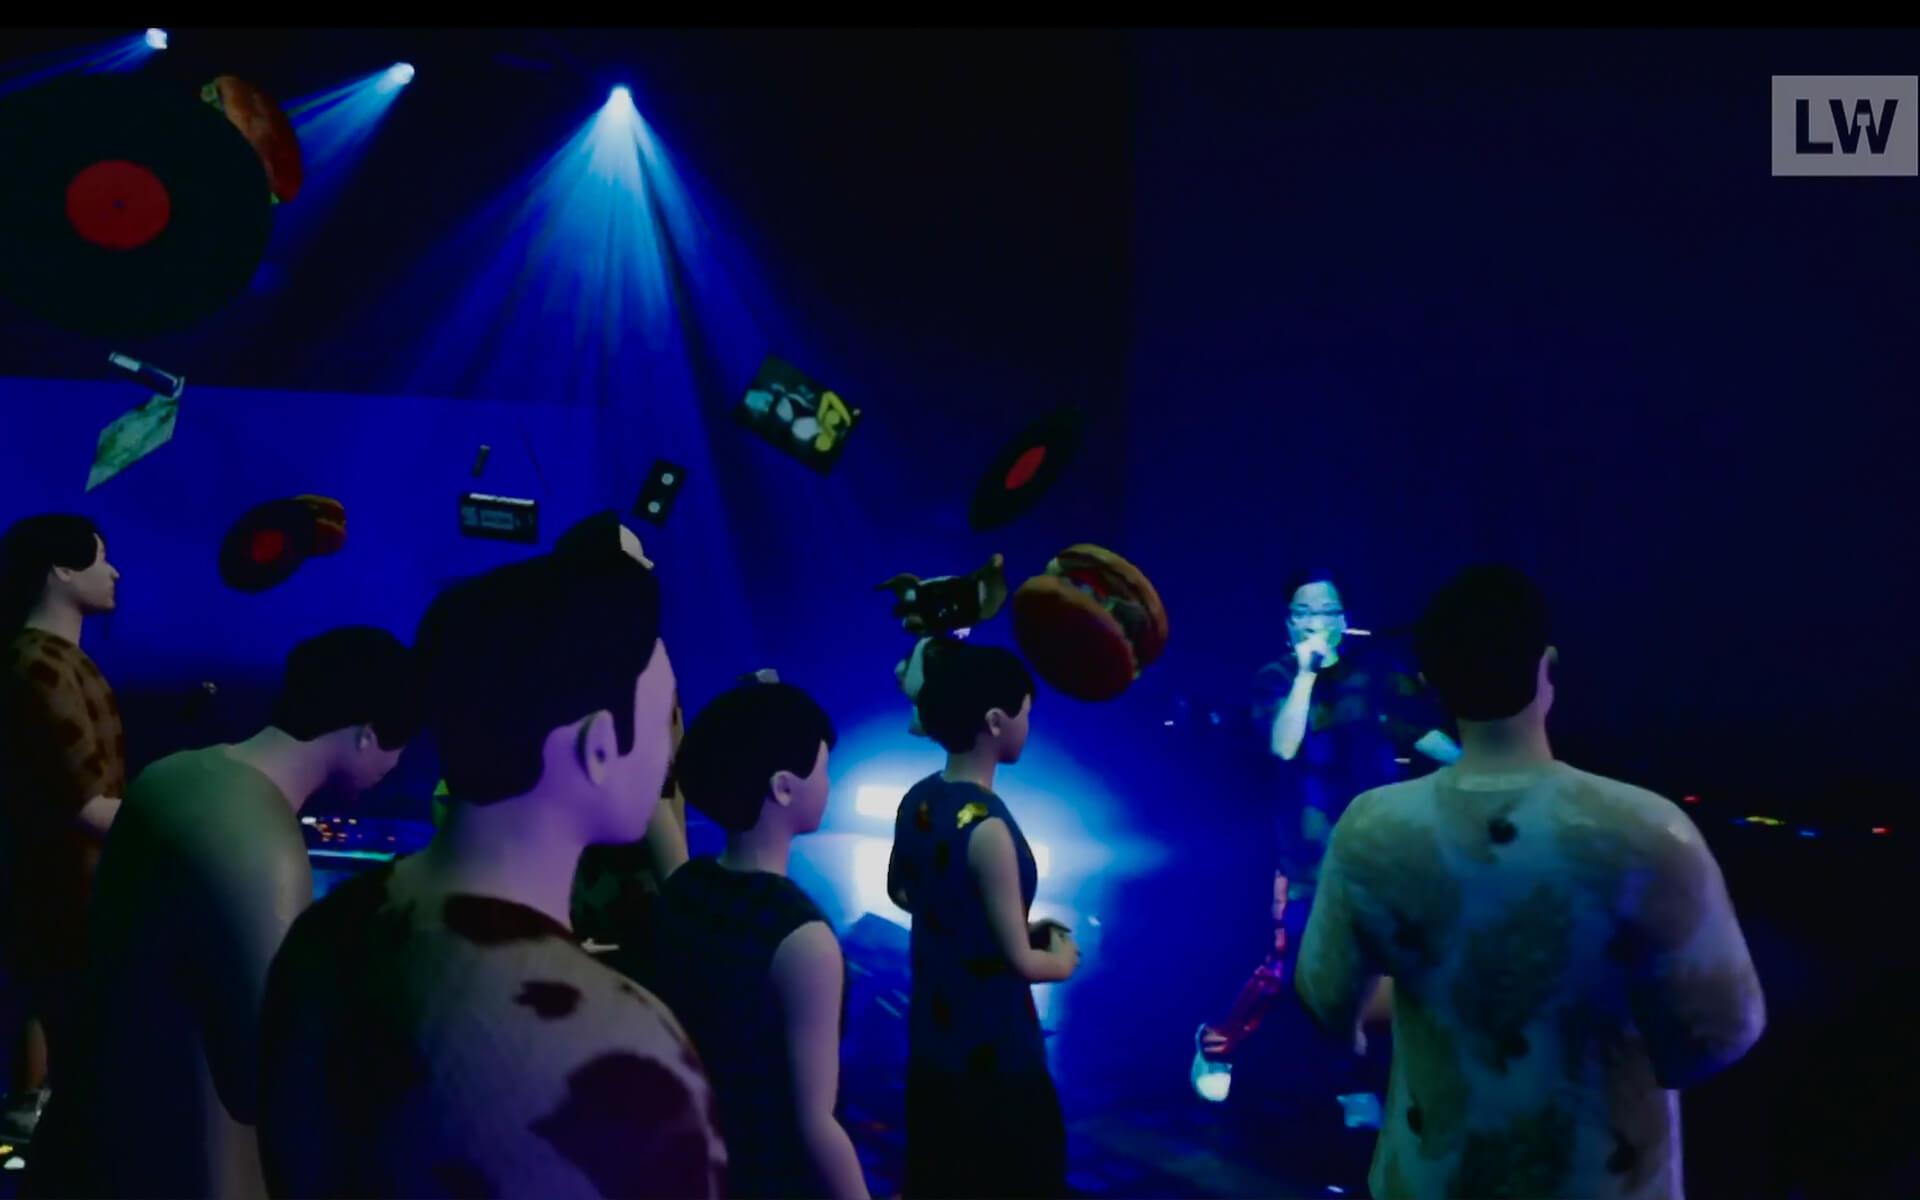 ライブレポート:LIVEWIRE PUNPEE<Sofa Kingdomcome>|映画作品のような夢見心地の時間 music200915_punpee_11